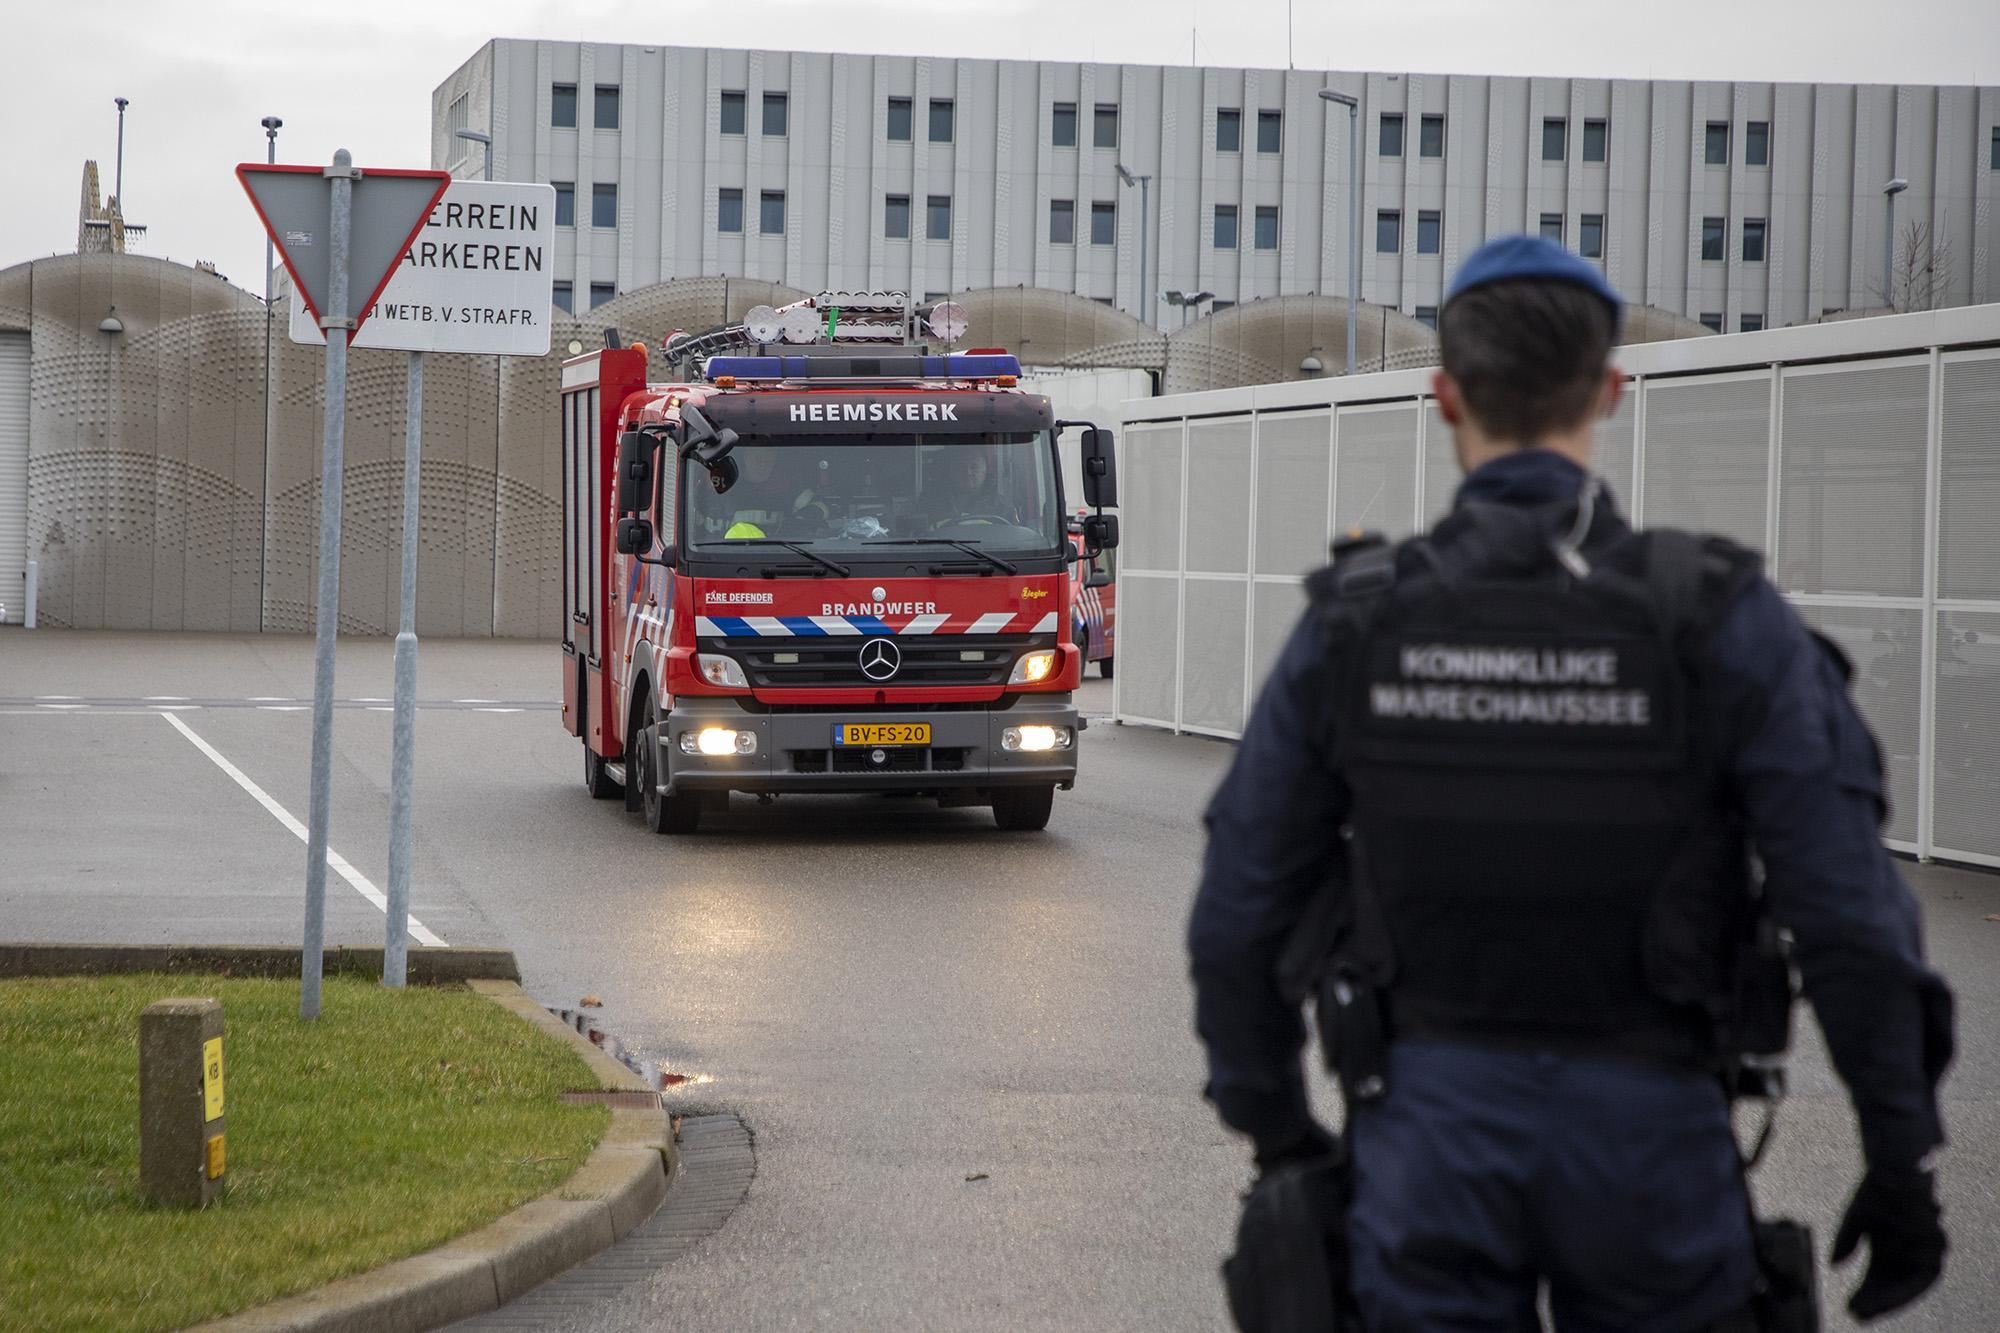 Man opgenomen in ziekenhuis na brand in cellencomplex Schiphol